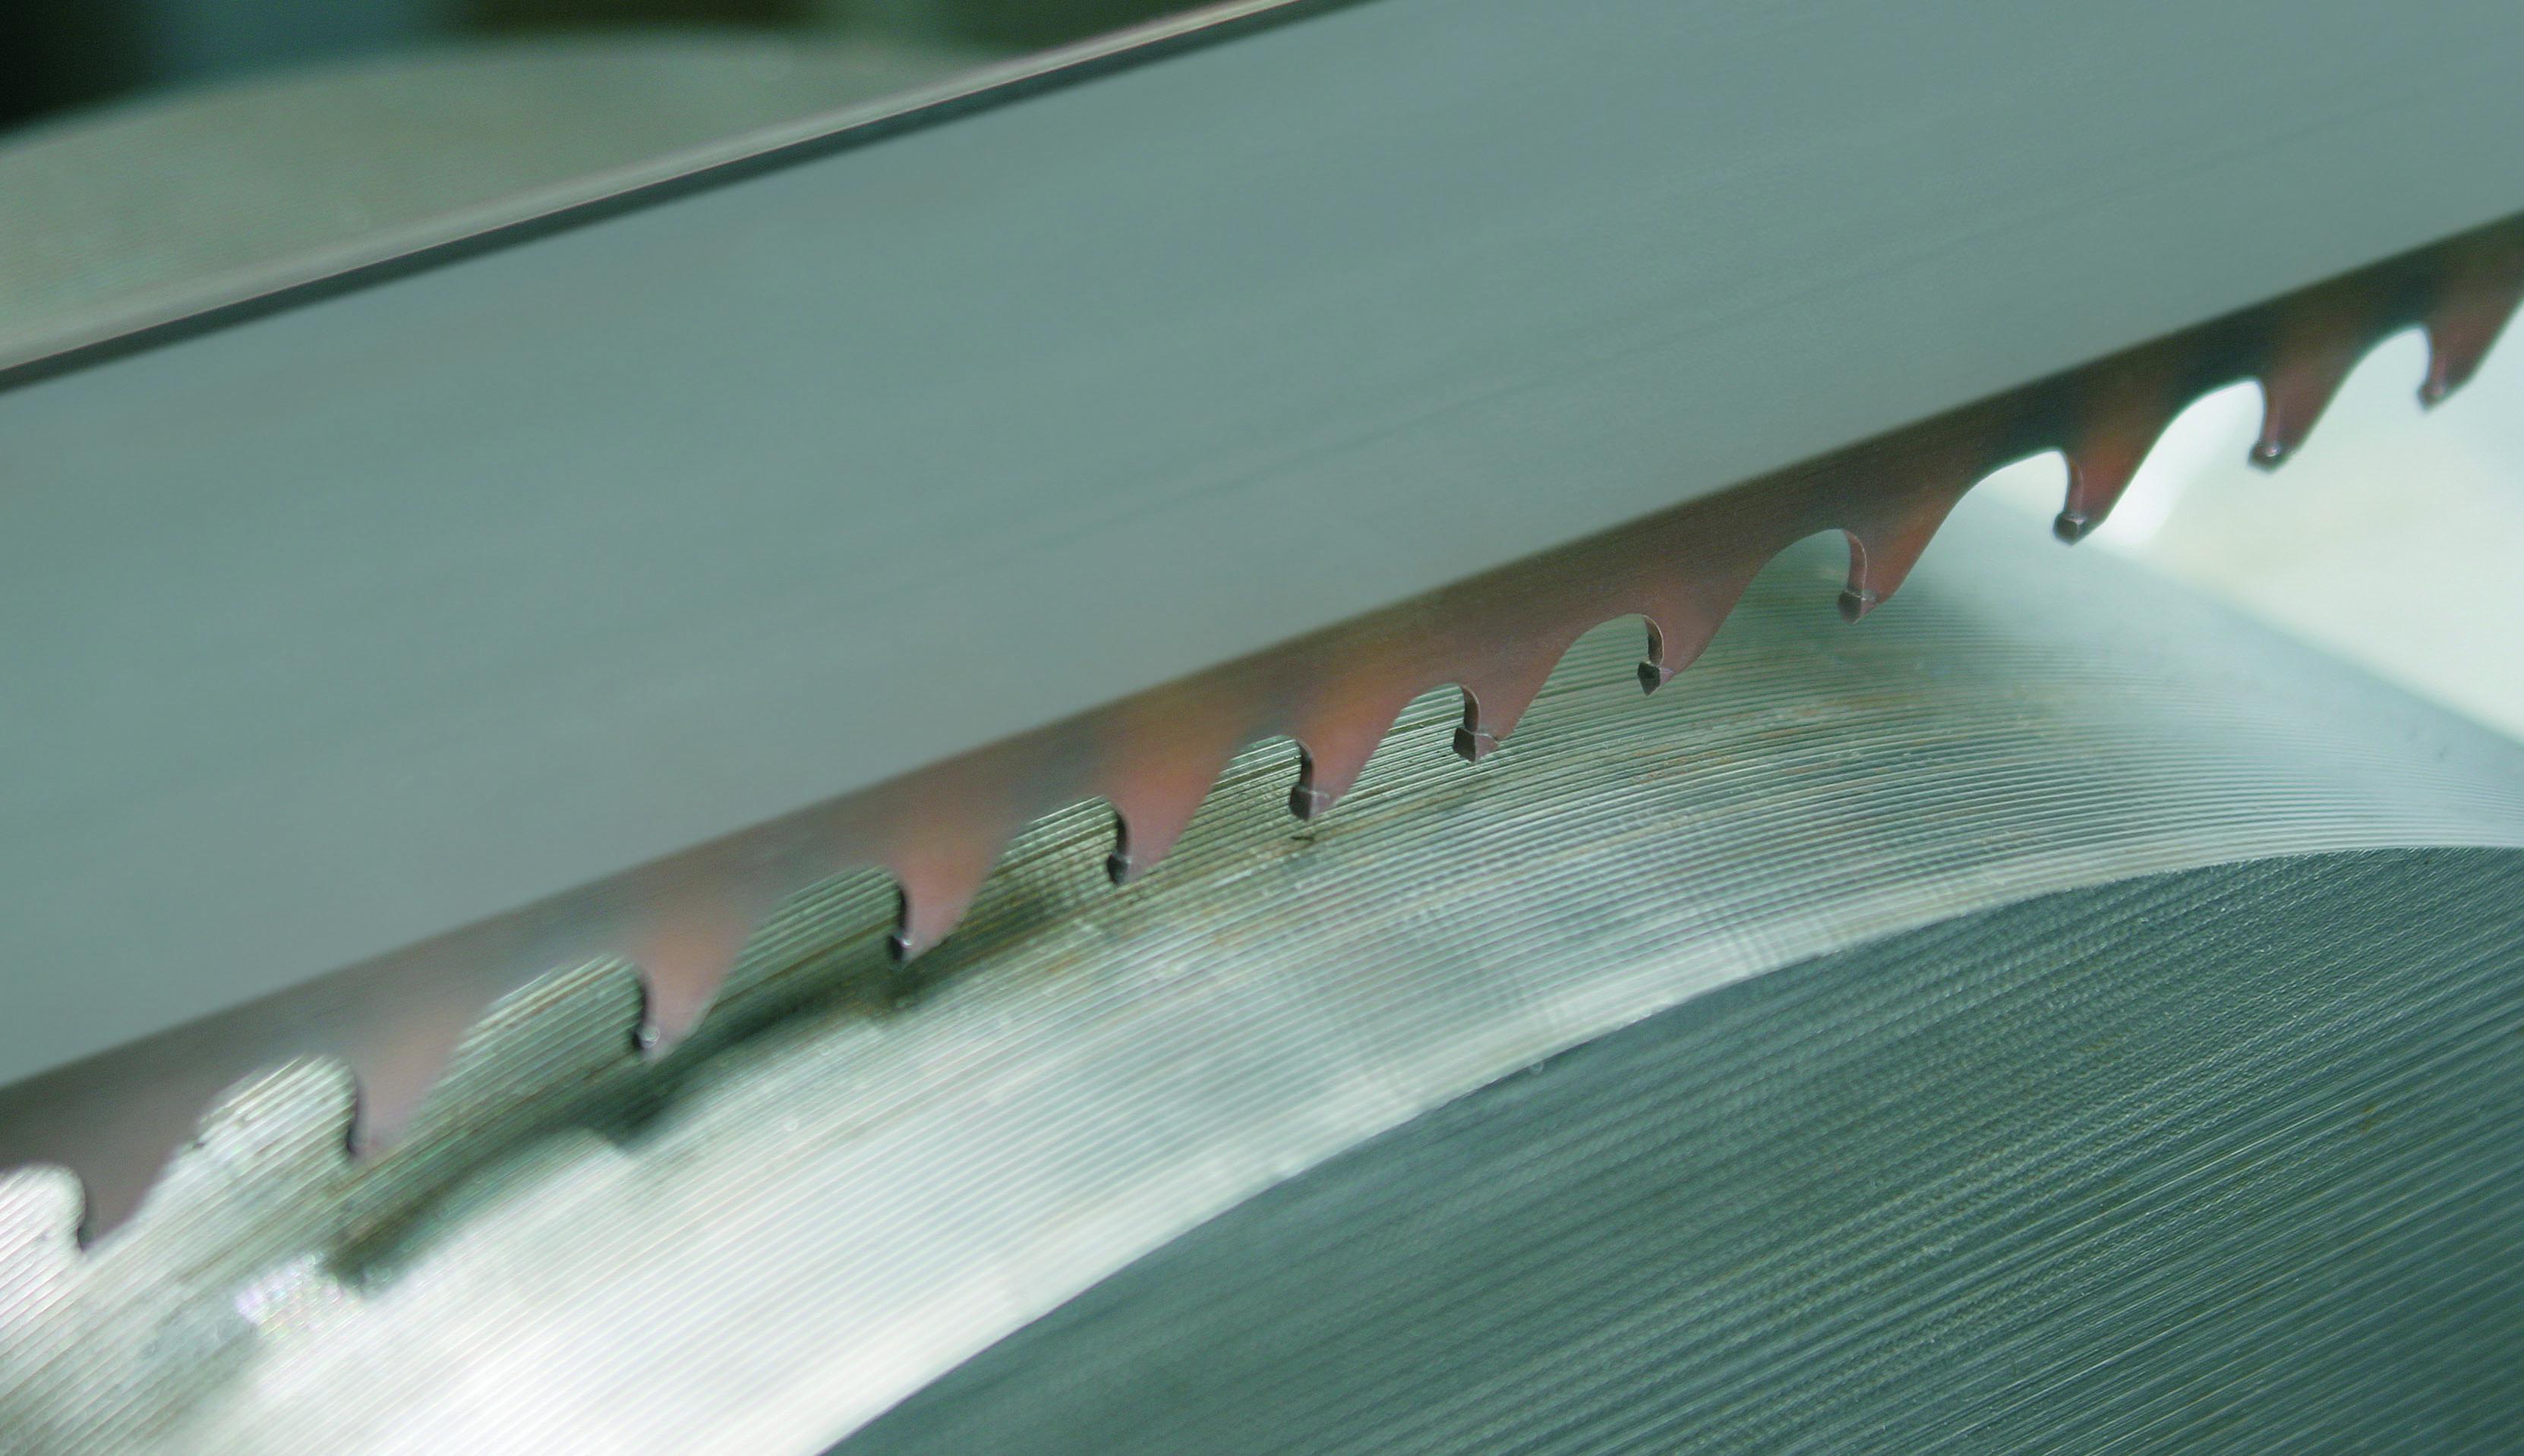 Полотно для ленточной пилы: выбор качественного полотна для пилы по алюминию. как поменять? разновидности и рейтинг лучших производителей